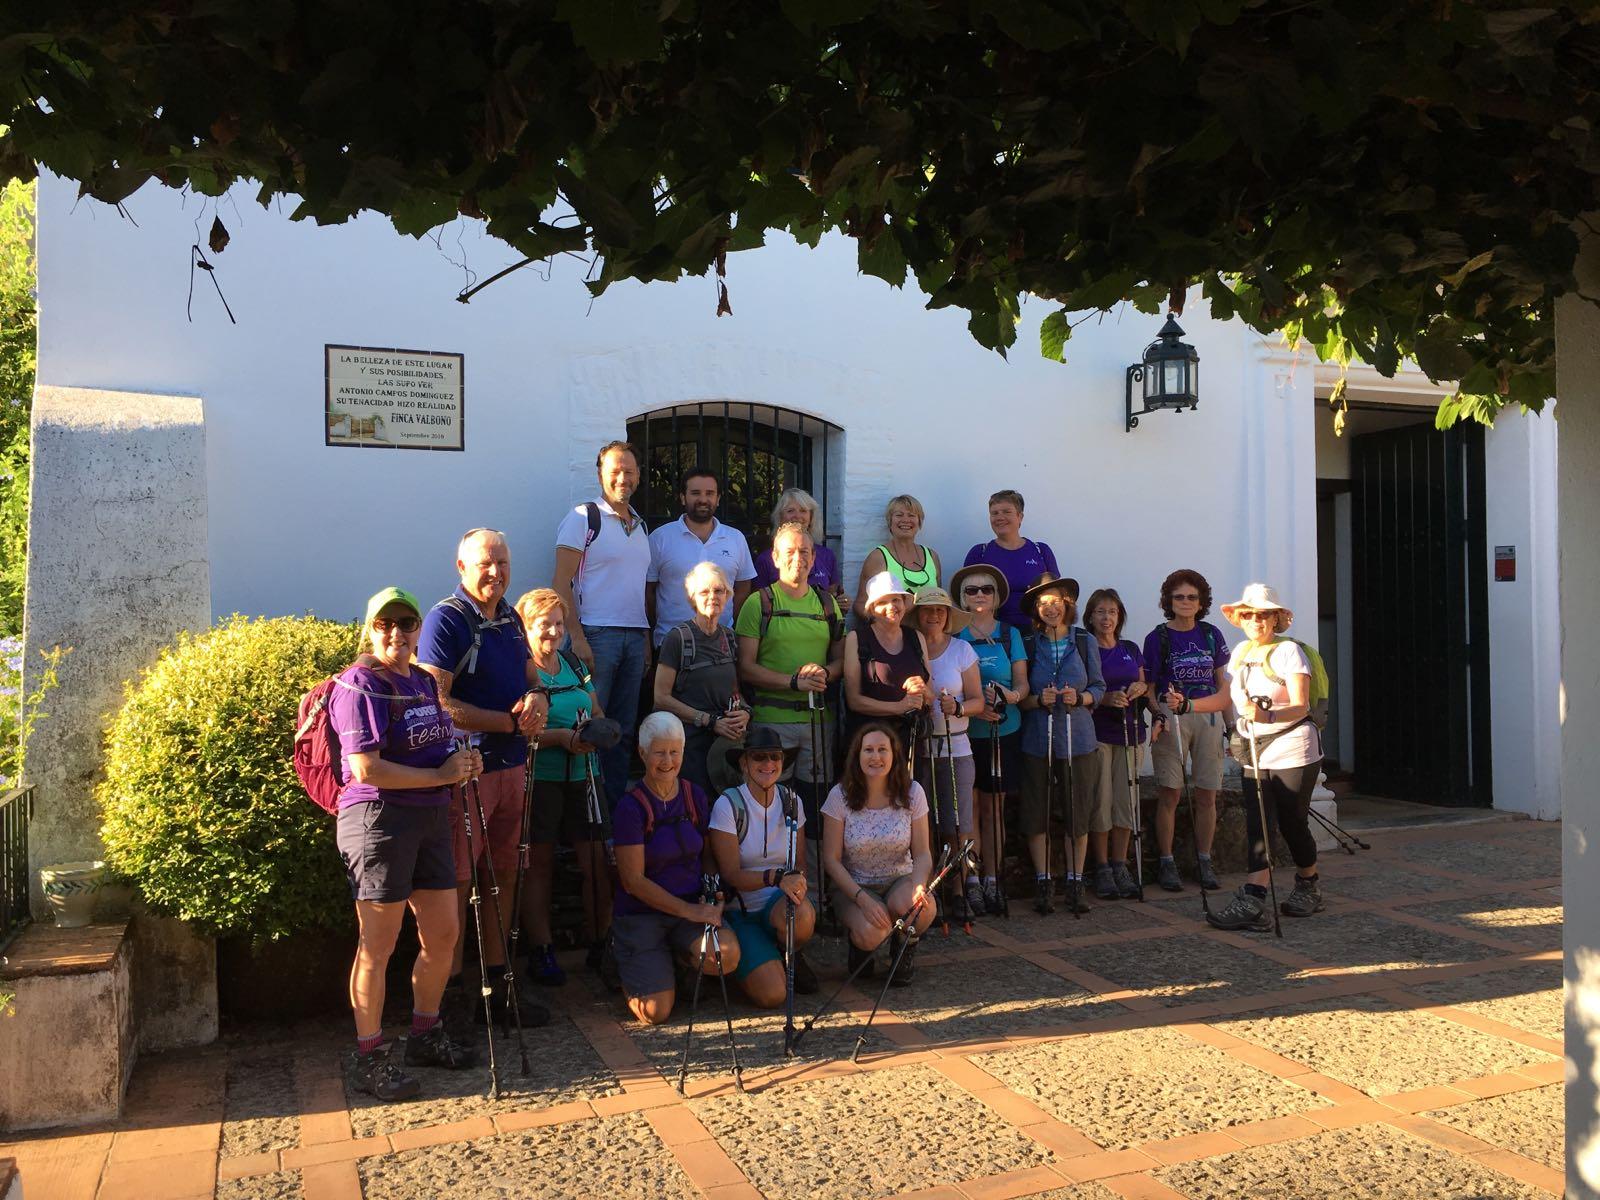 El grupo de turistas británicos que practicaron el Nordic Walking disfrutaron de la belleza de la Sierra de Huelva.